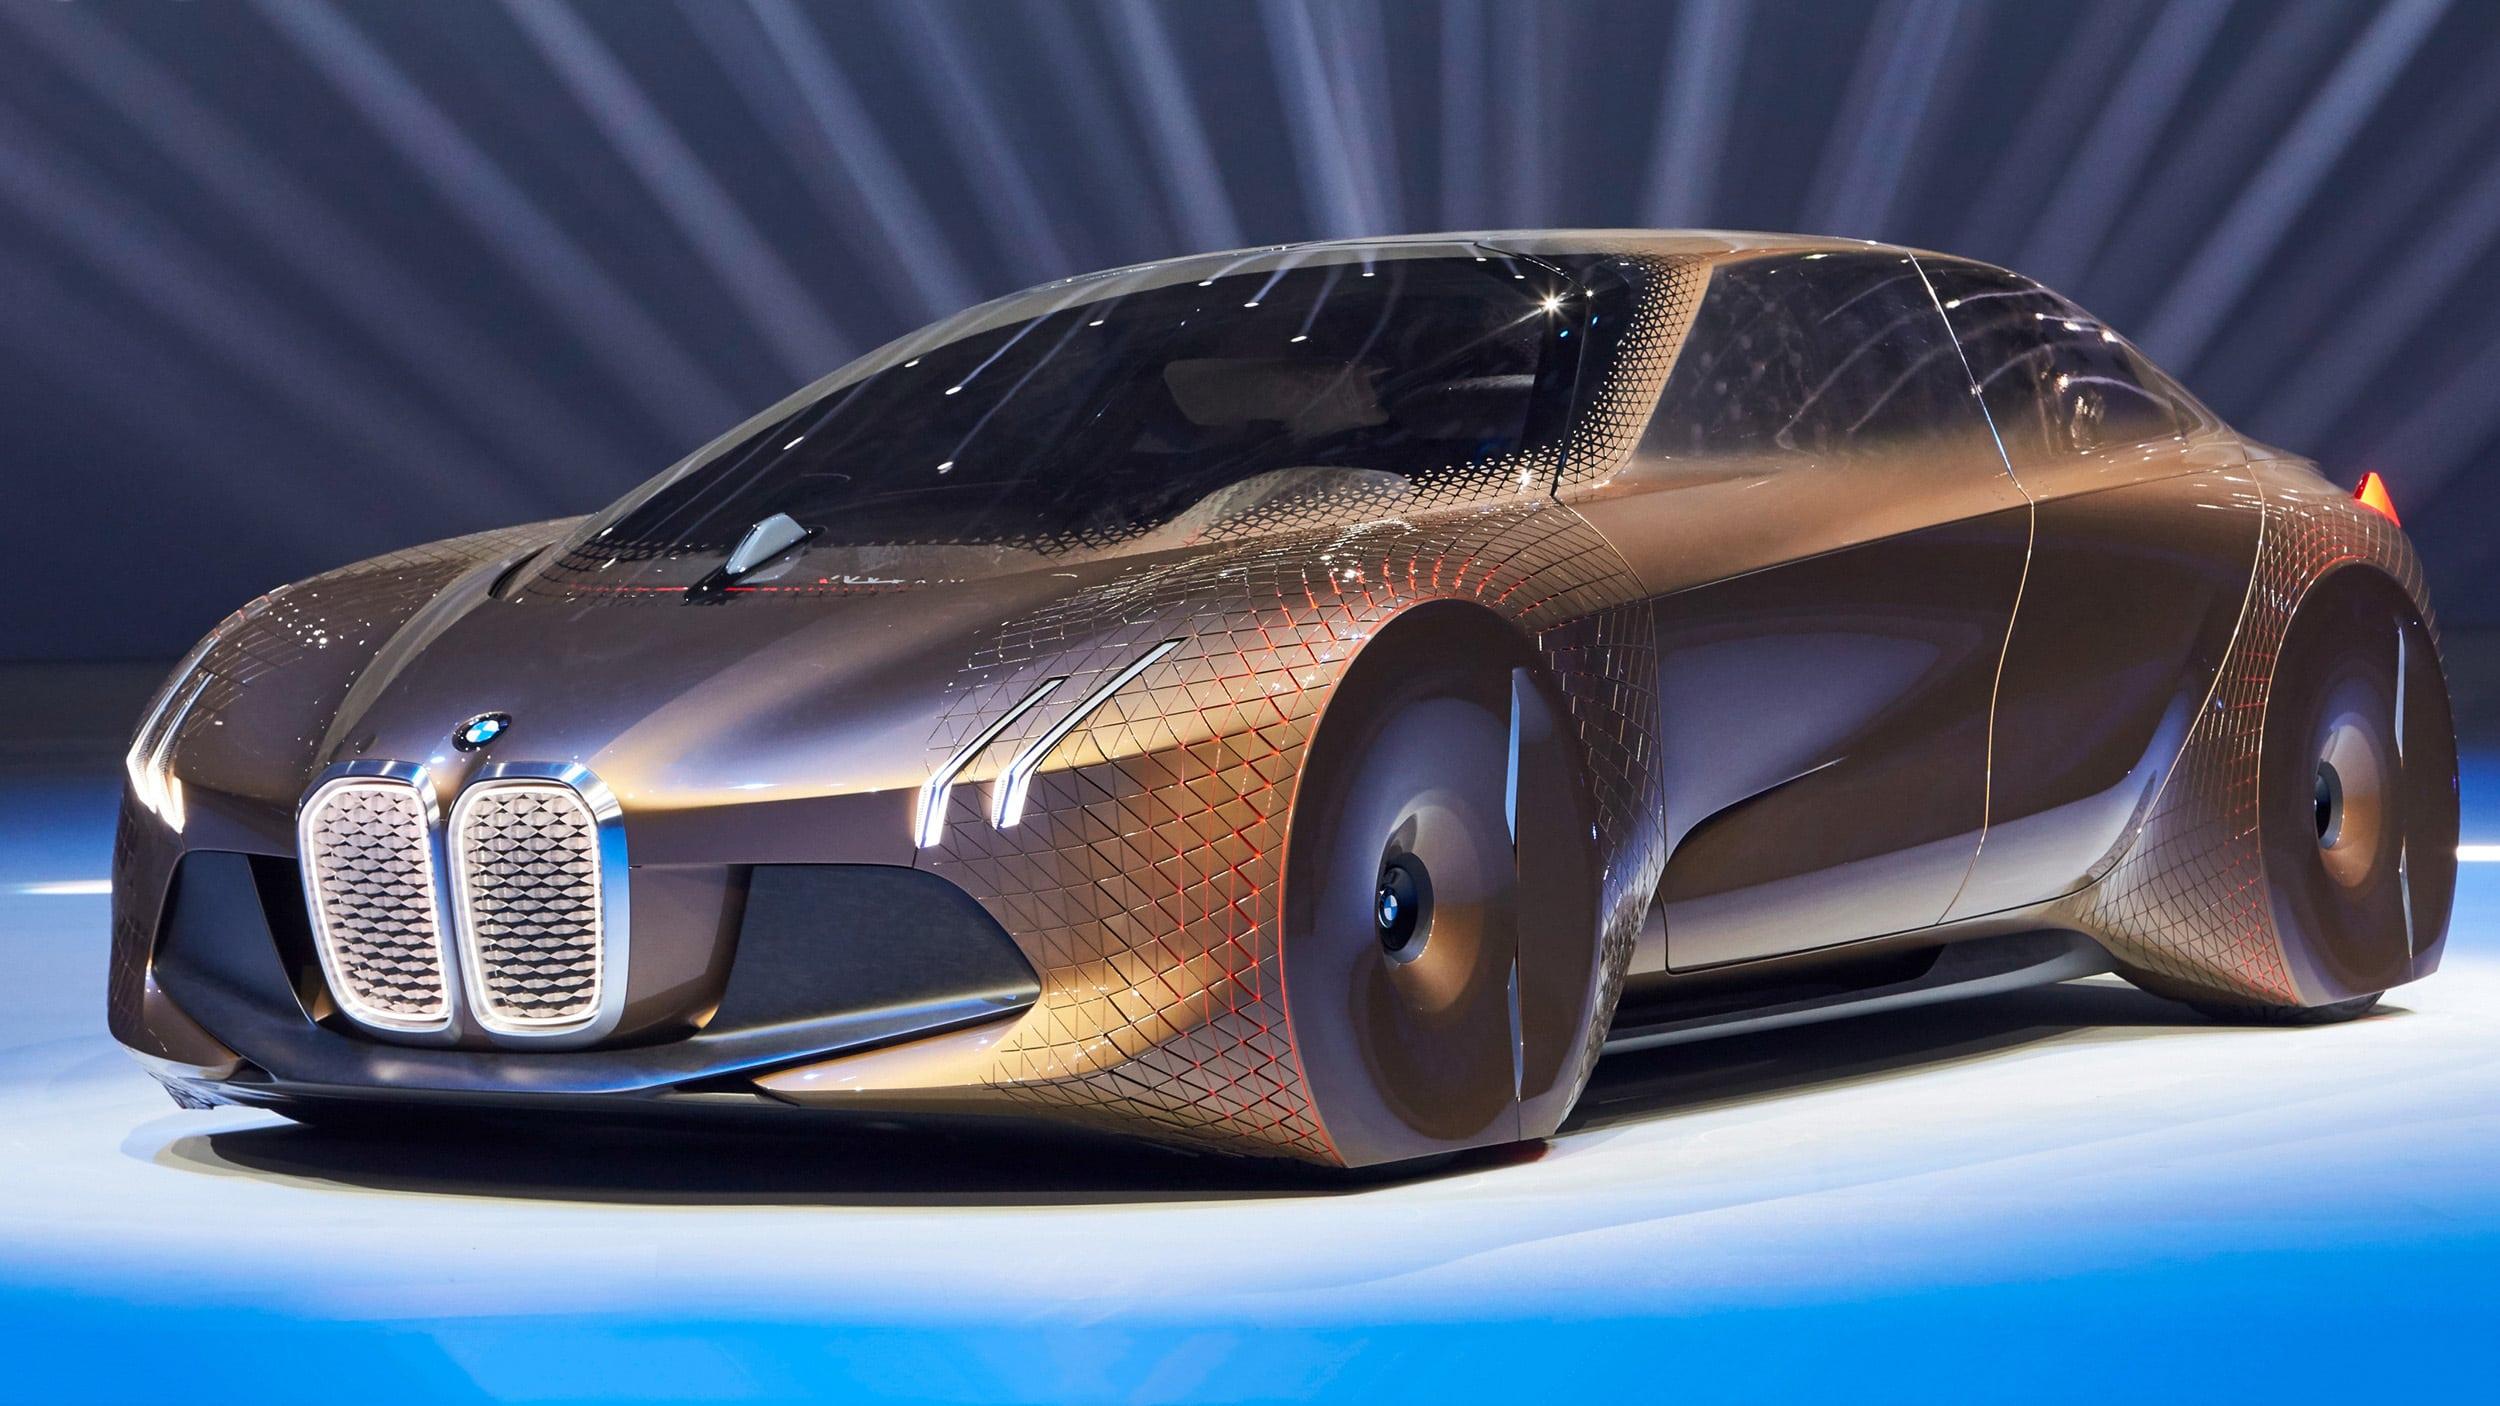 2020 BMW i8 Images | SUV Models